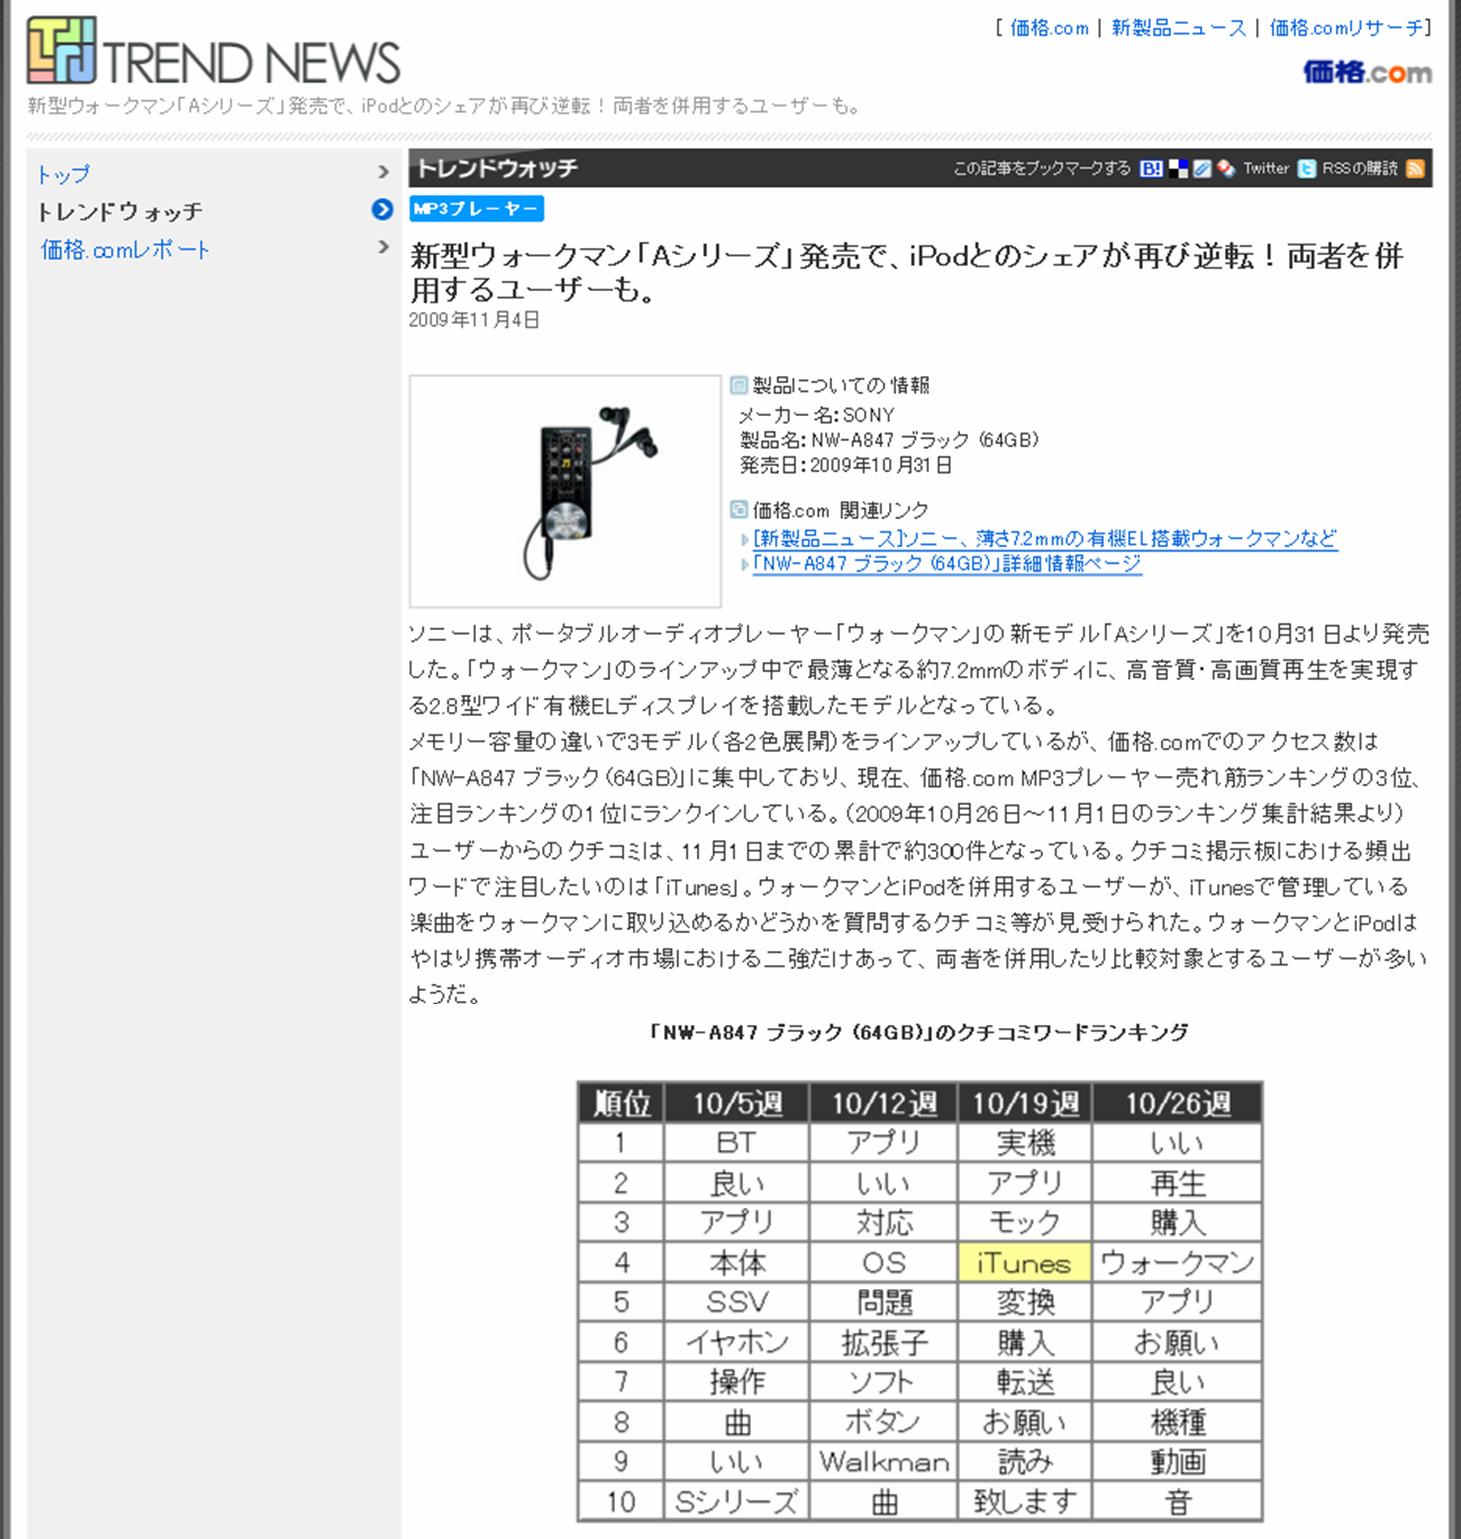 【図3 トレンドニュースに掲載したクチコミデータの例】